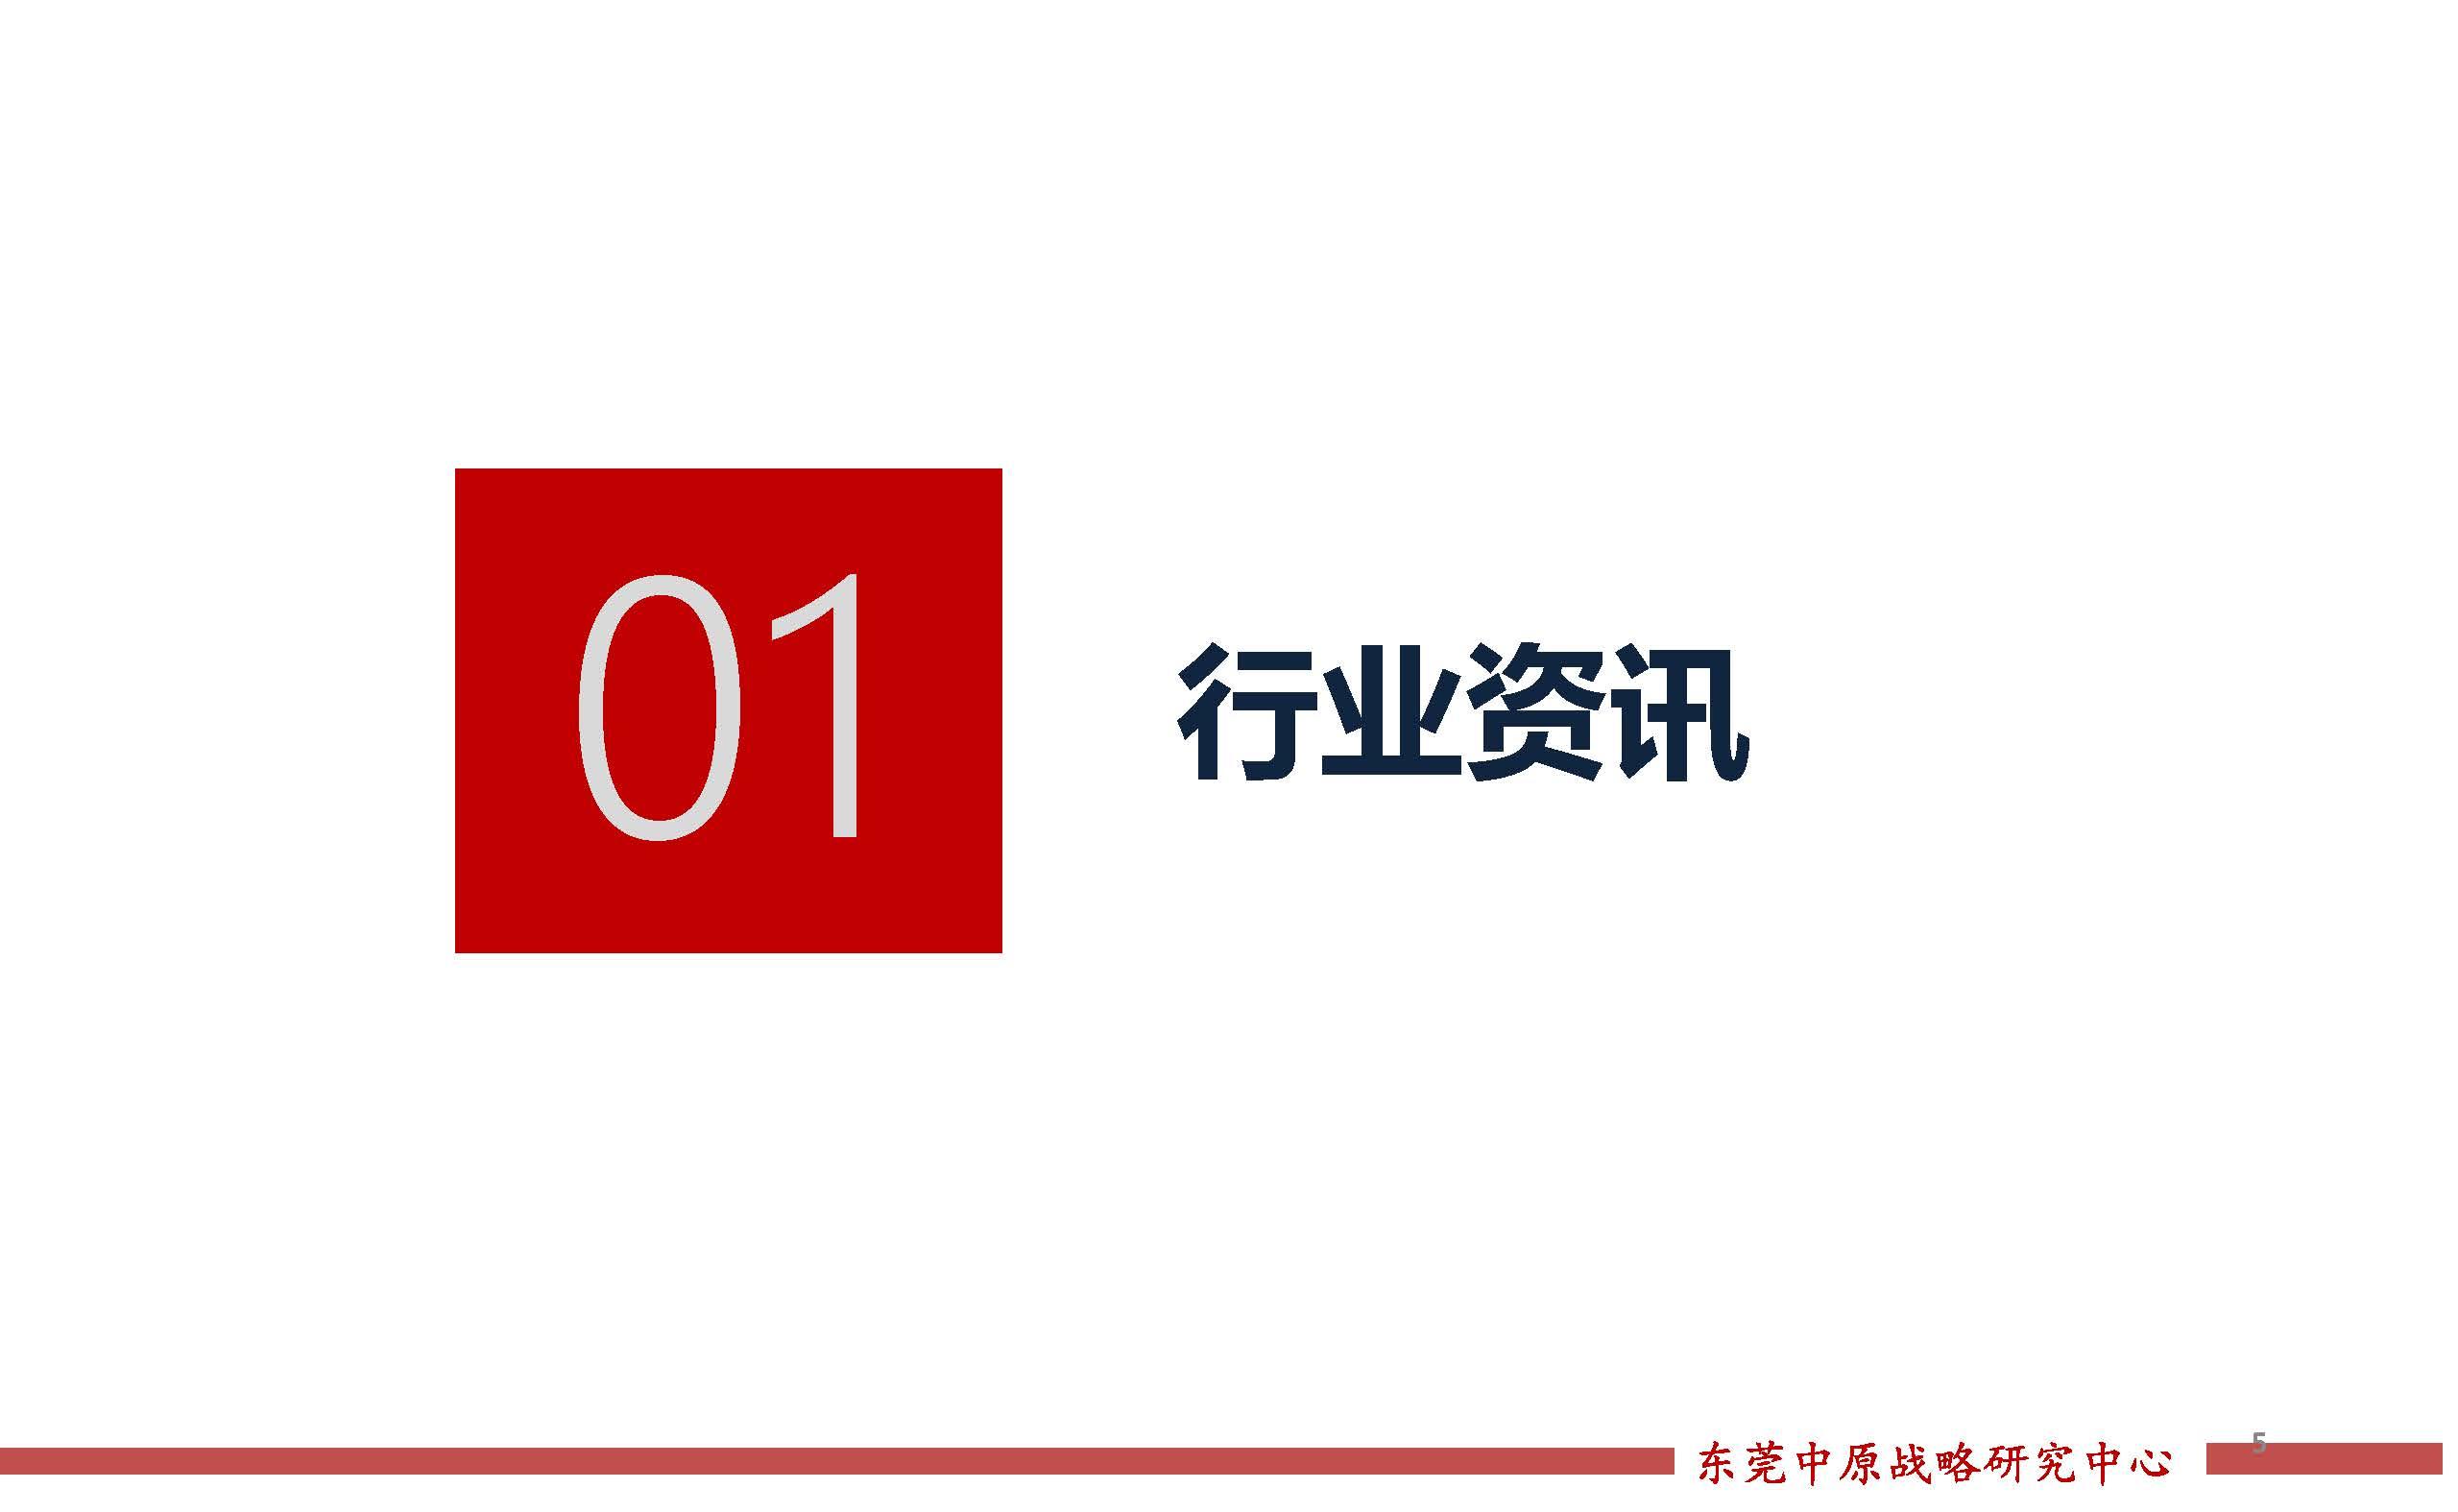 东莞楼市周刊第695期(2019.07.29-2019.08.04)_页面_05.jpg